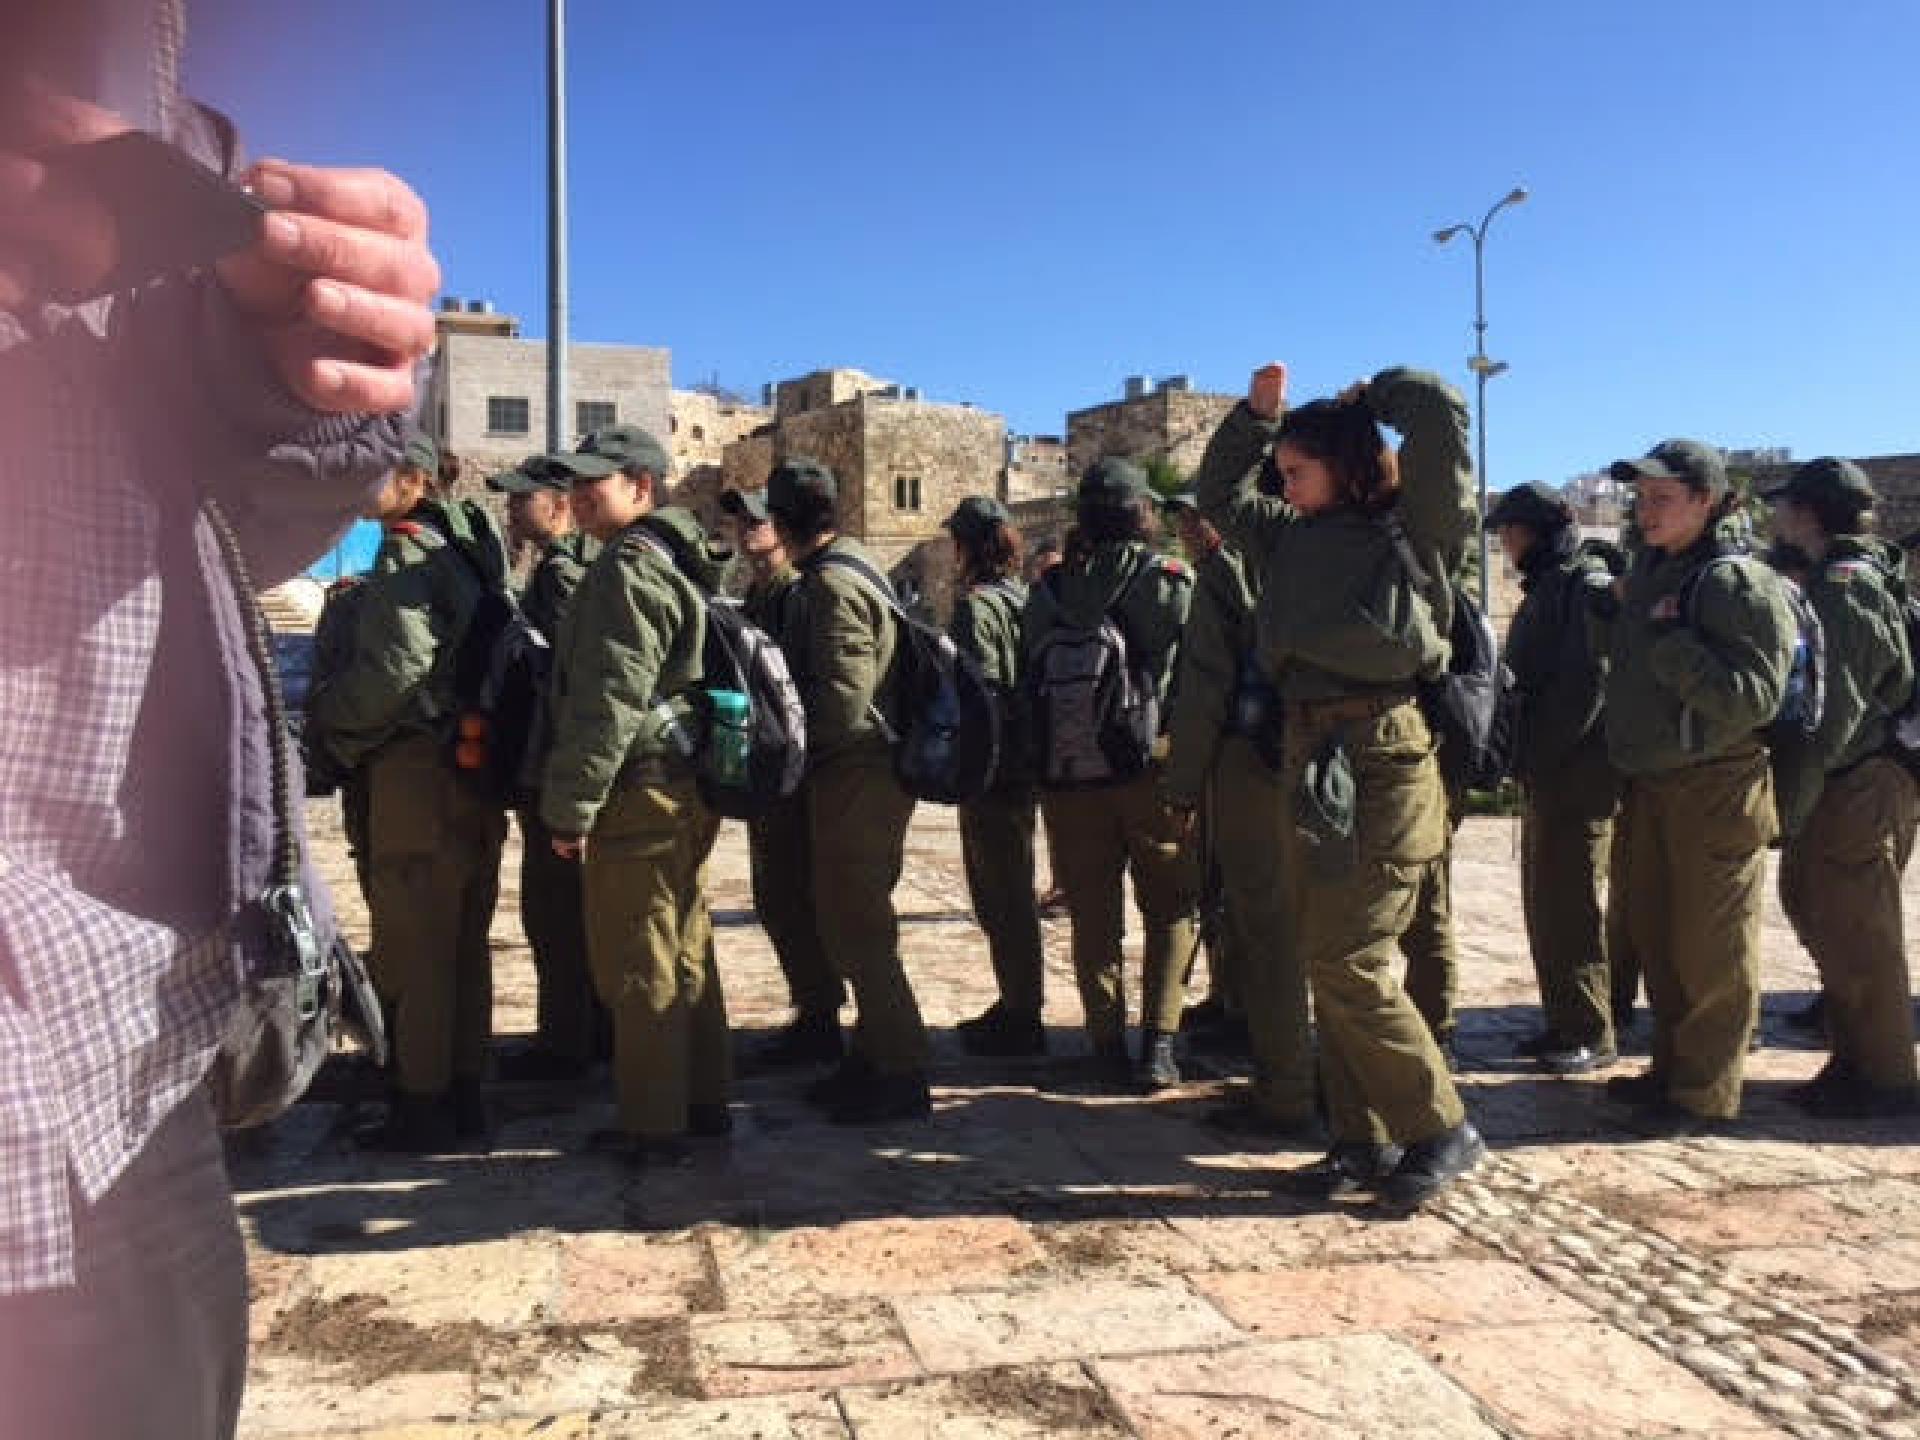 קורס של חיל חינוך מקבל הדרכה המועד היהודי של חברון